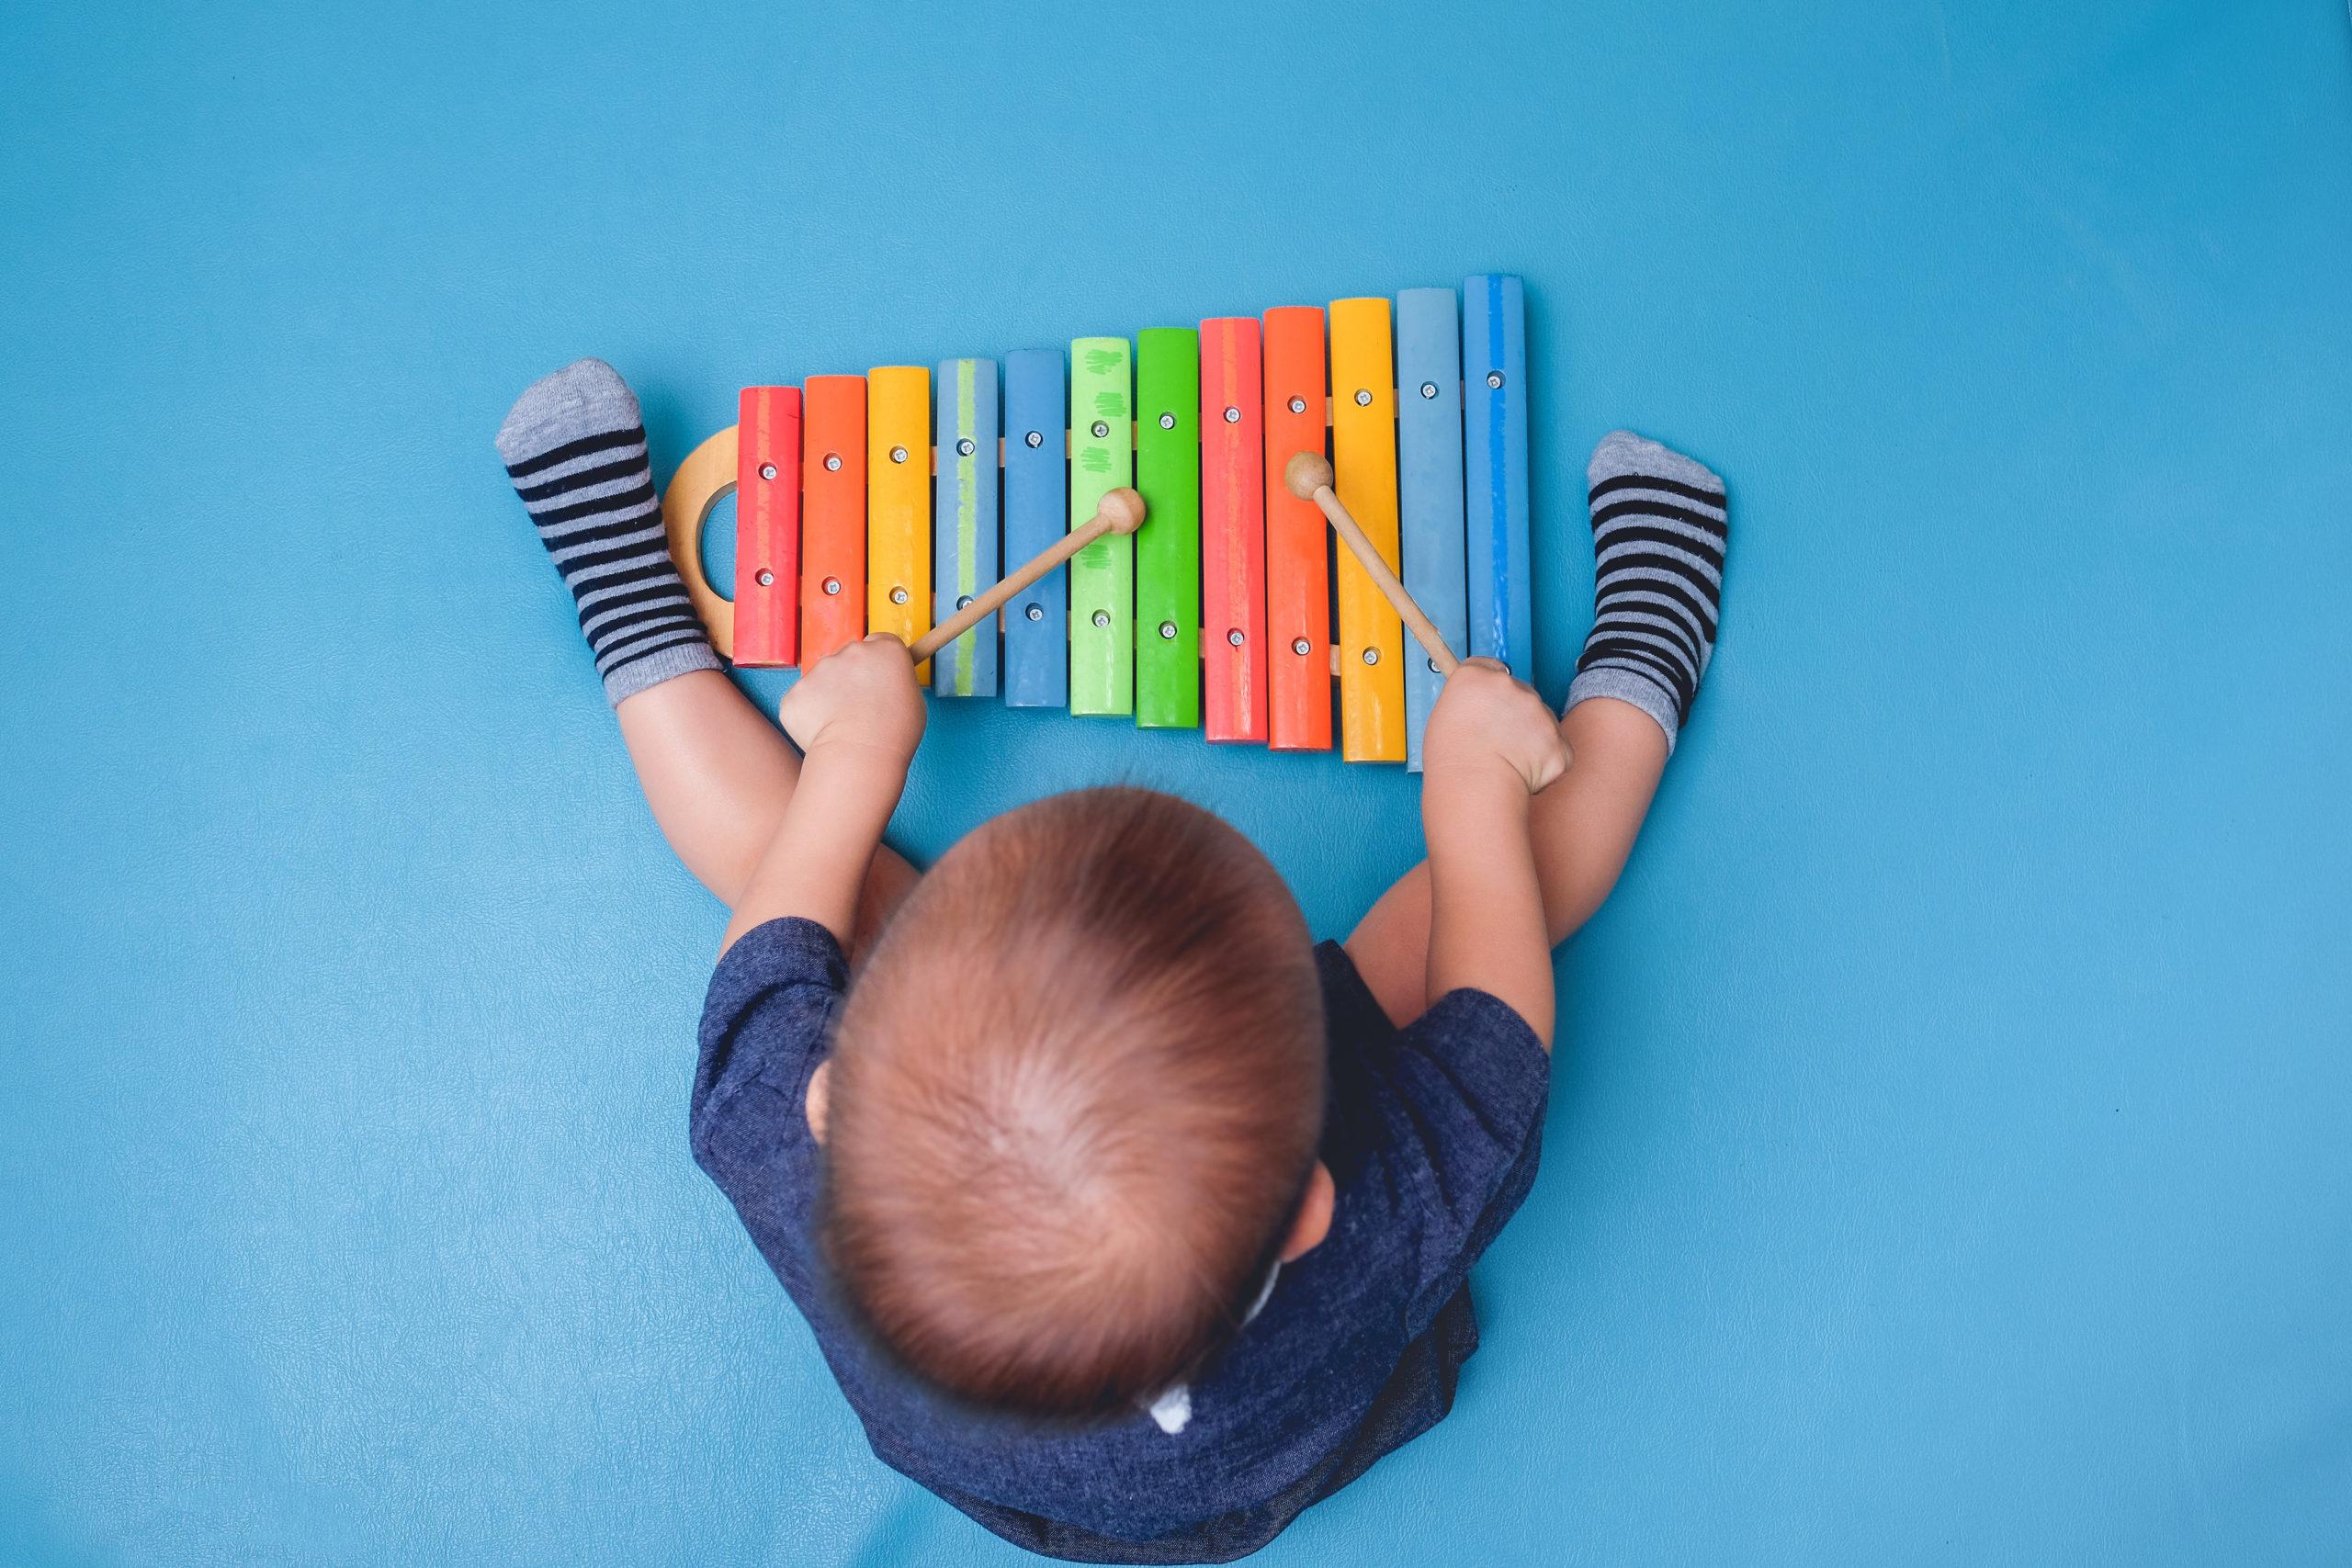 【保育カレッジ授業】子どもたちと楽しめる手作り楽器!